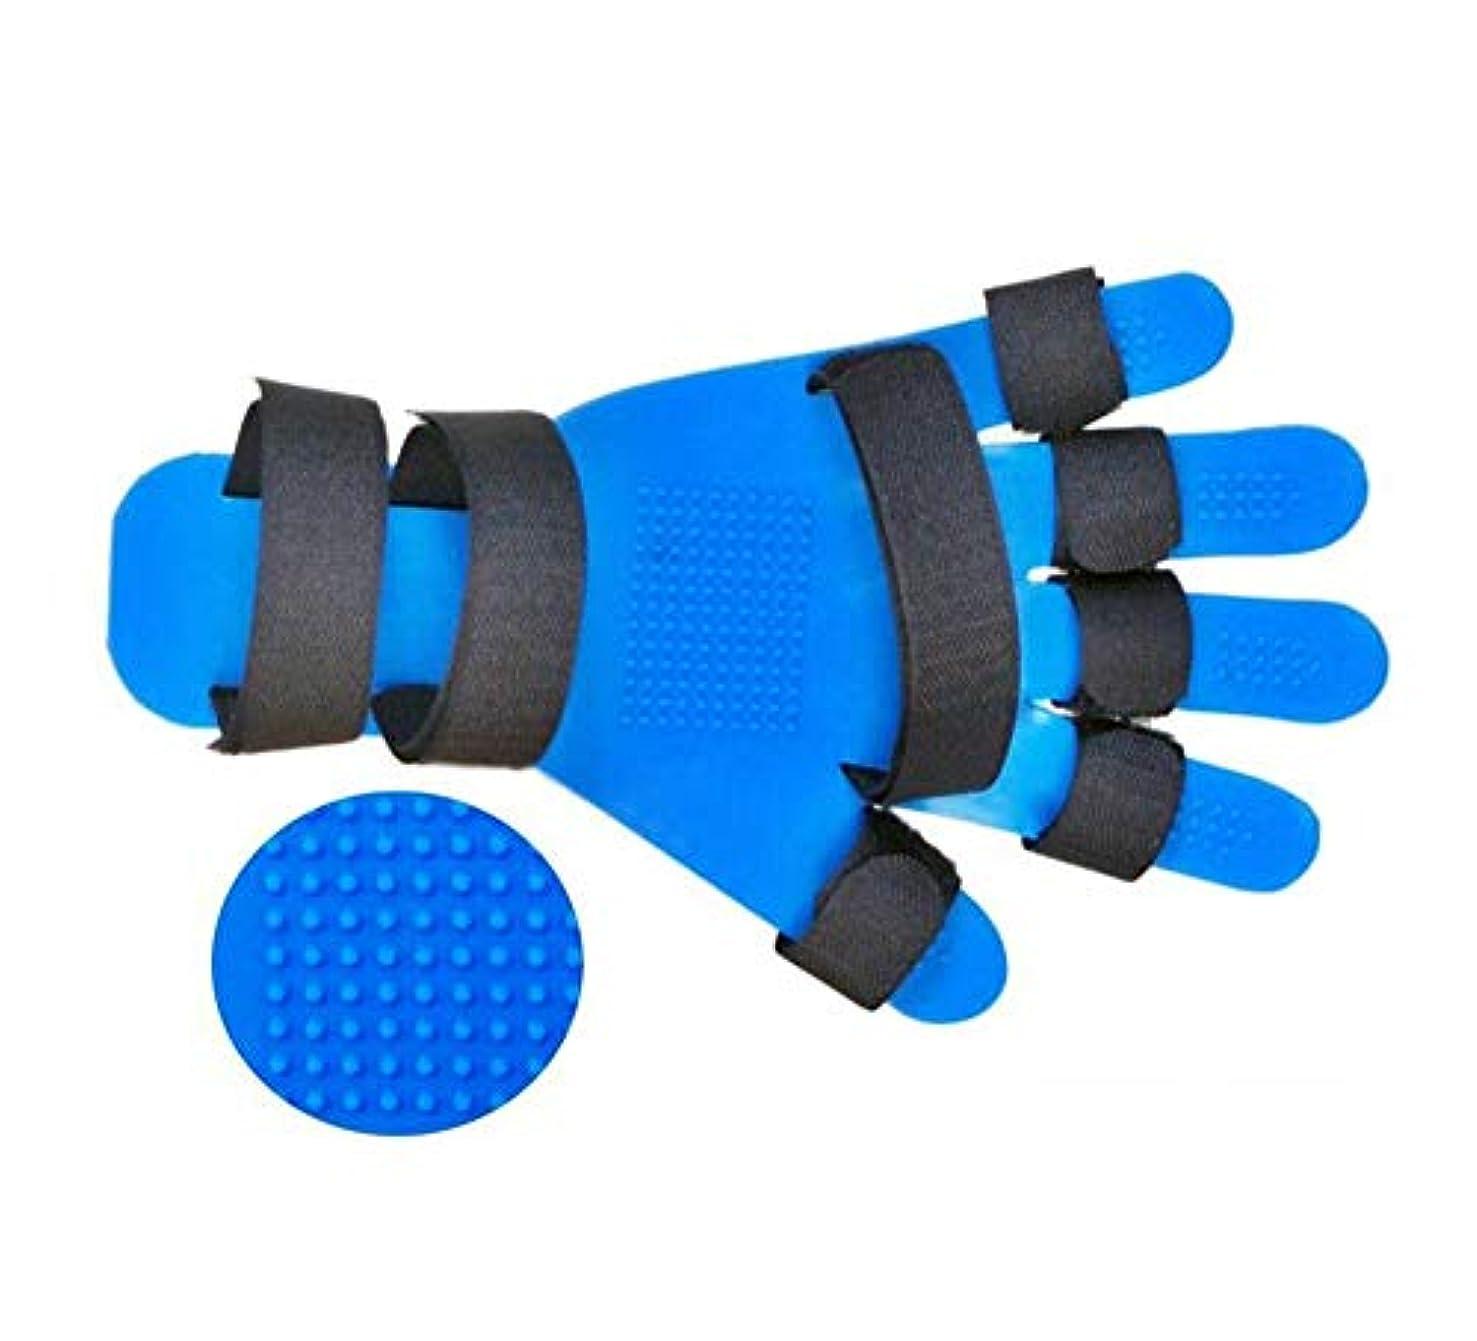 フリッパー山調和指手首矯正器調節可能な指矯正プレート指分離プレート指を片側固定にする固定板指リハビリテーション機器